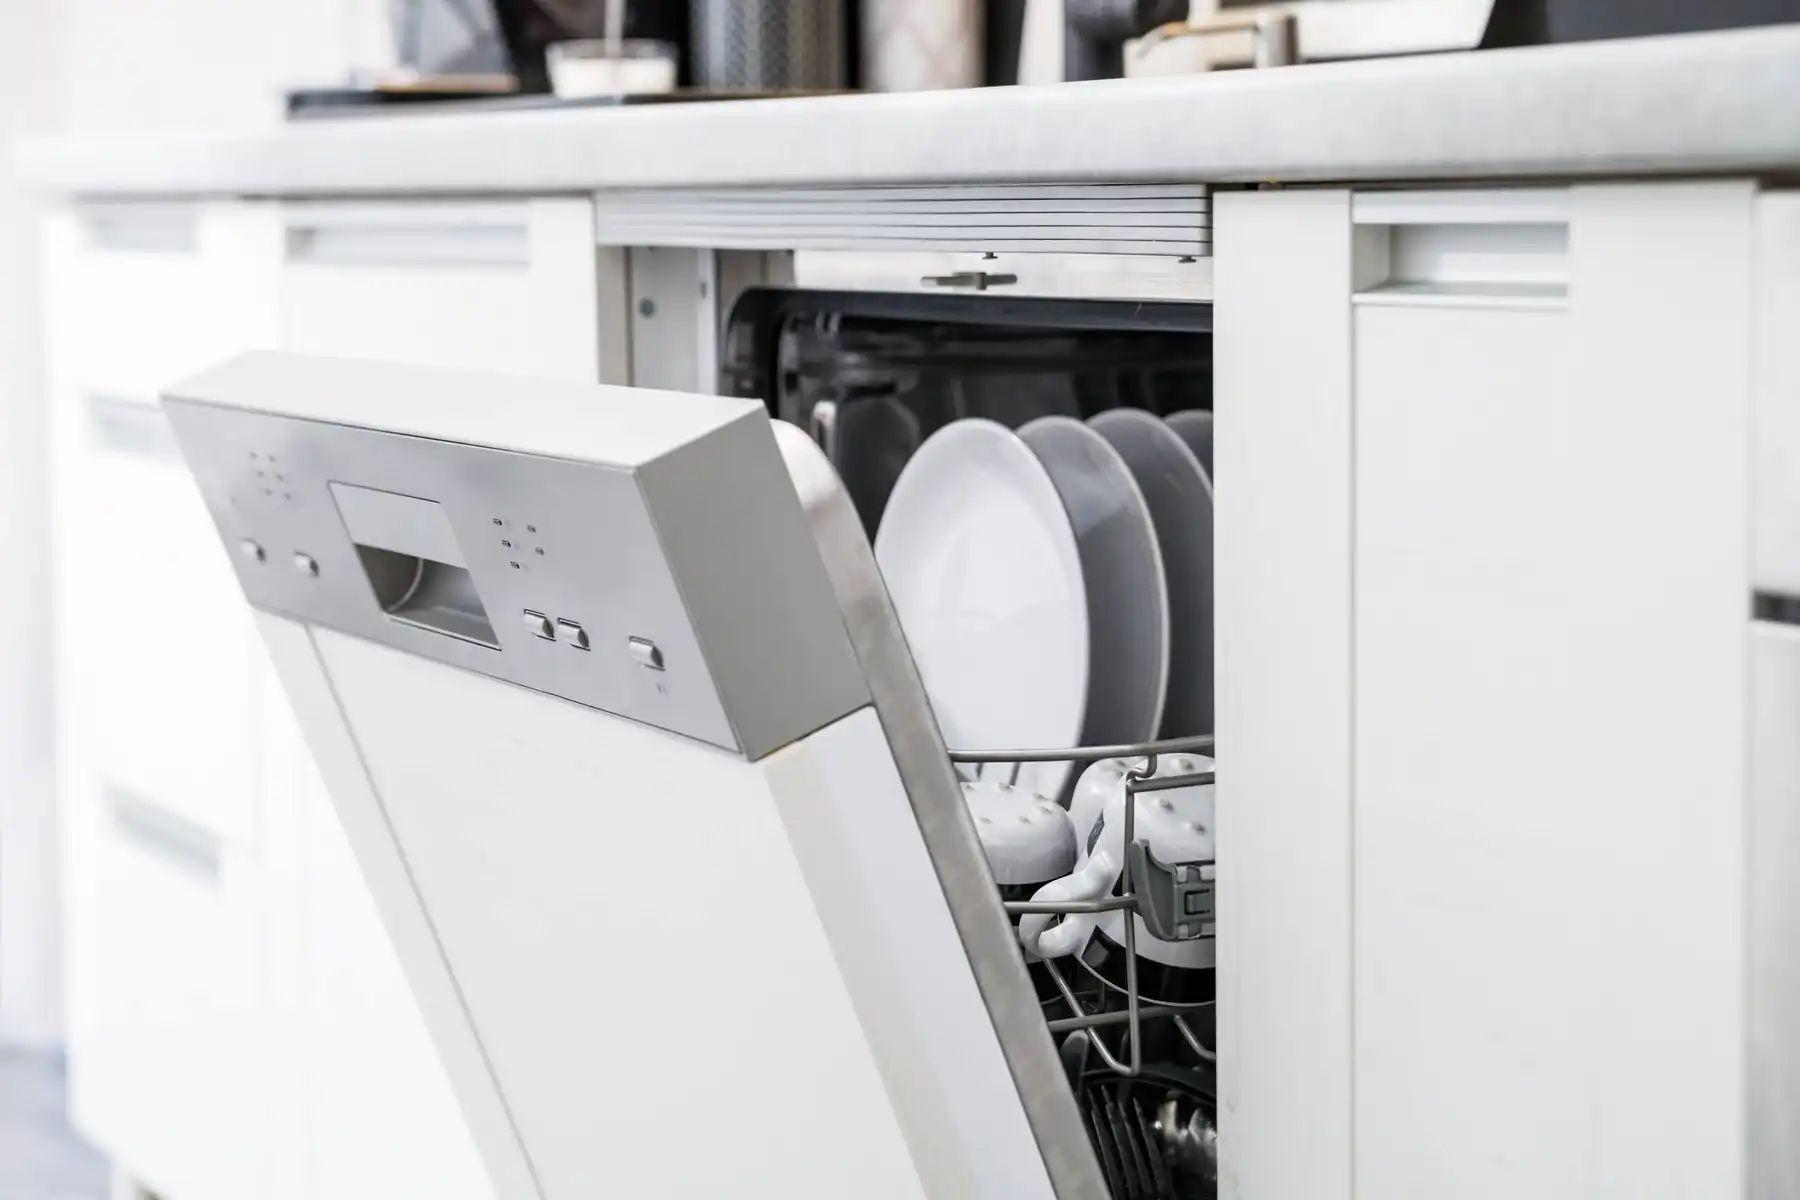 Máquina de lava louças branca embutida em cozinha branca